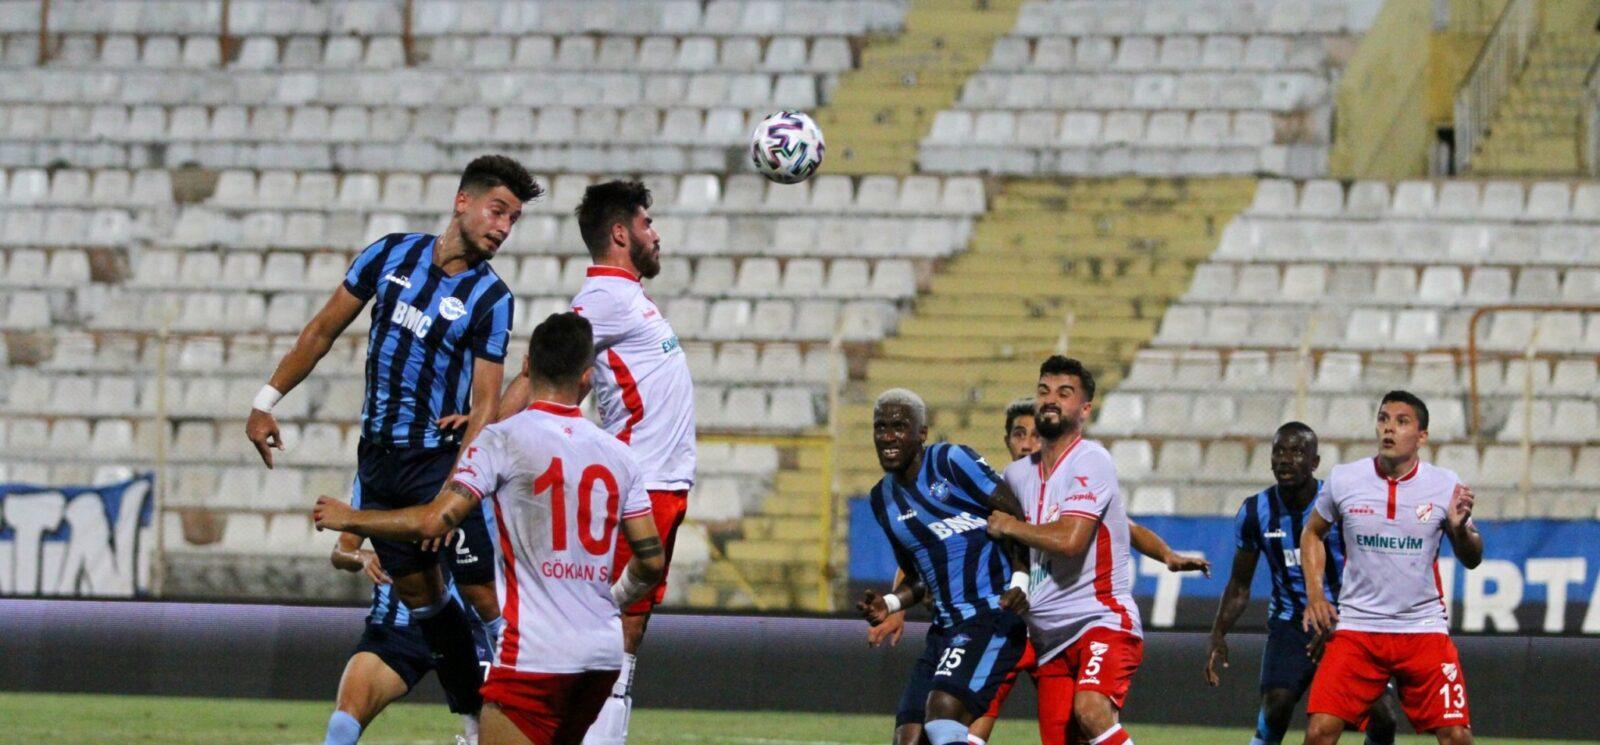 Adana Demirspor : 1-1 : Boluspor 21.09.2020 4 – 4 4